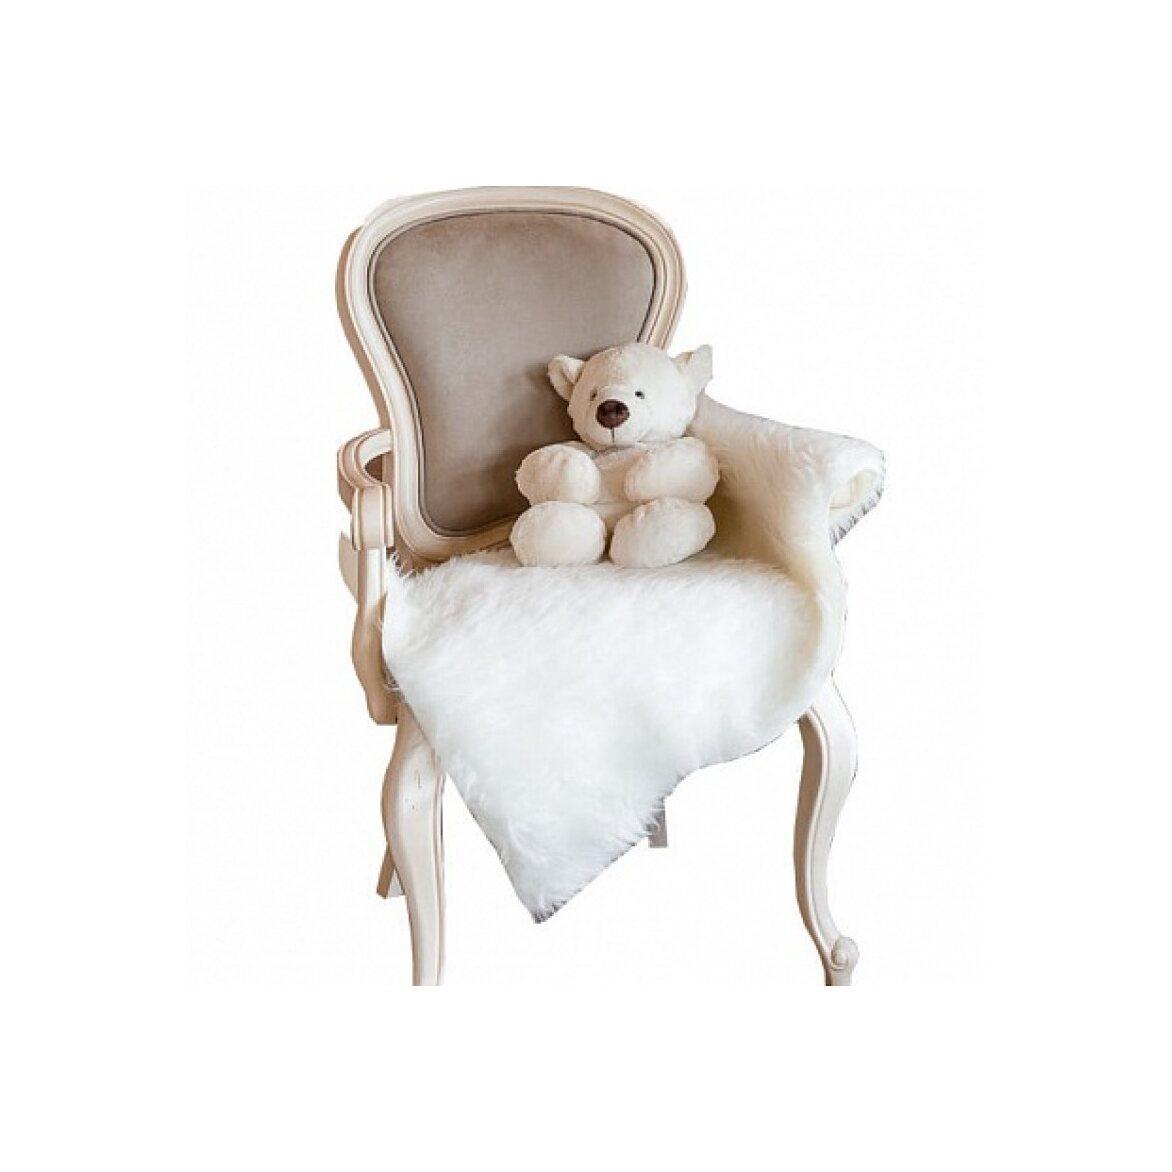 Полукресло с твердыми подлокотниками Leontina, бежевого цвета 6   Кресло-стул Kingsby